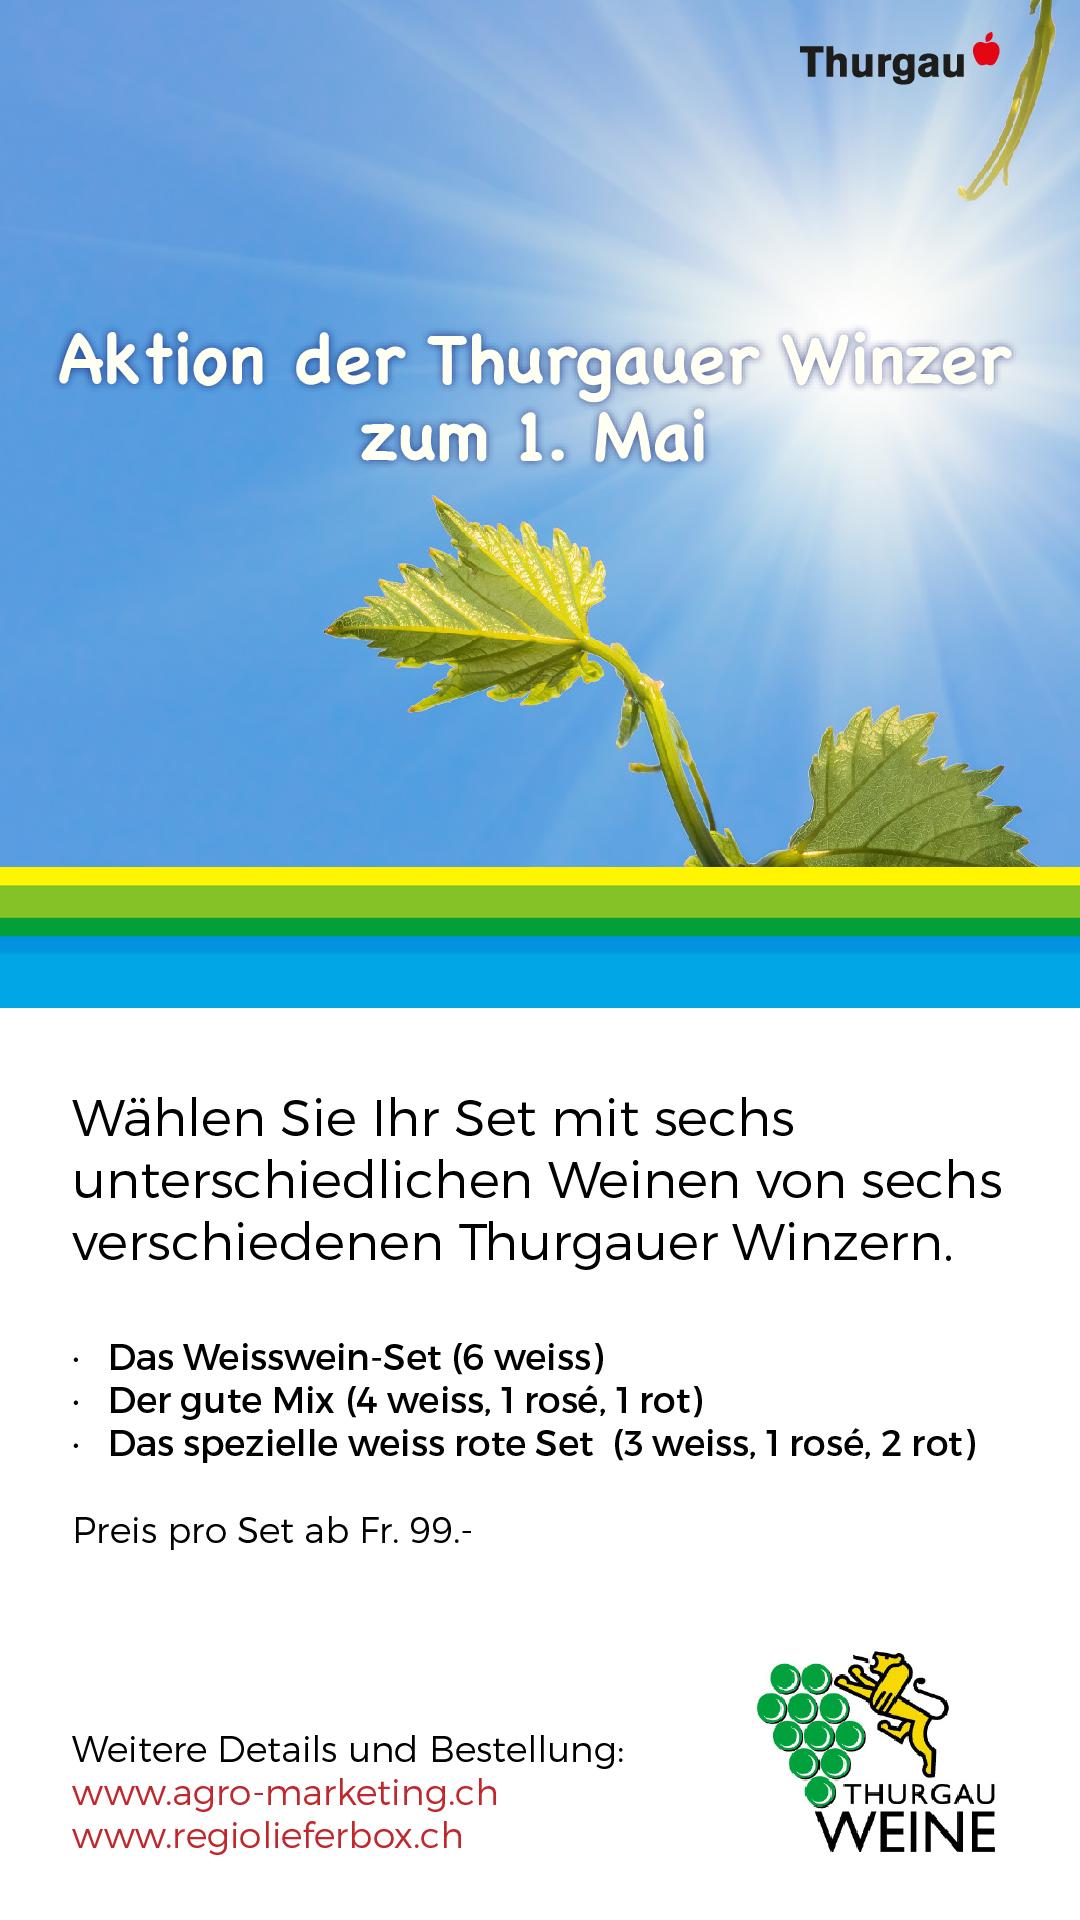 Aktion der Thurgauer Winzer zum 1. Mai